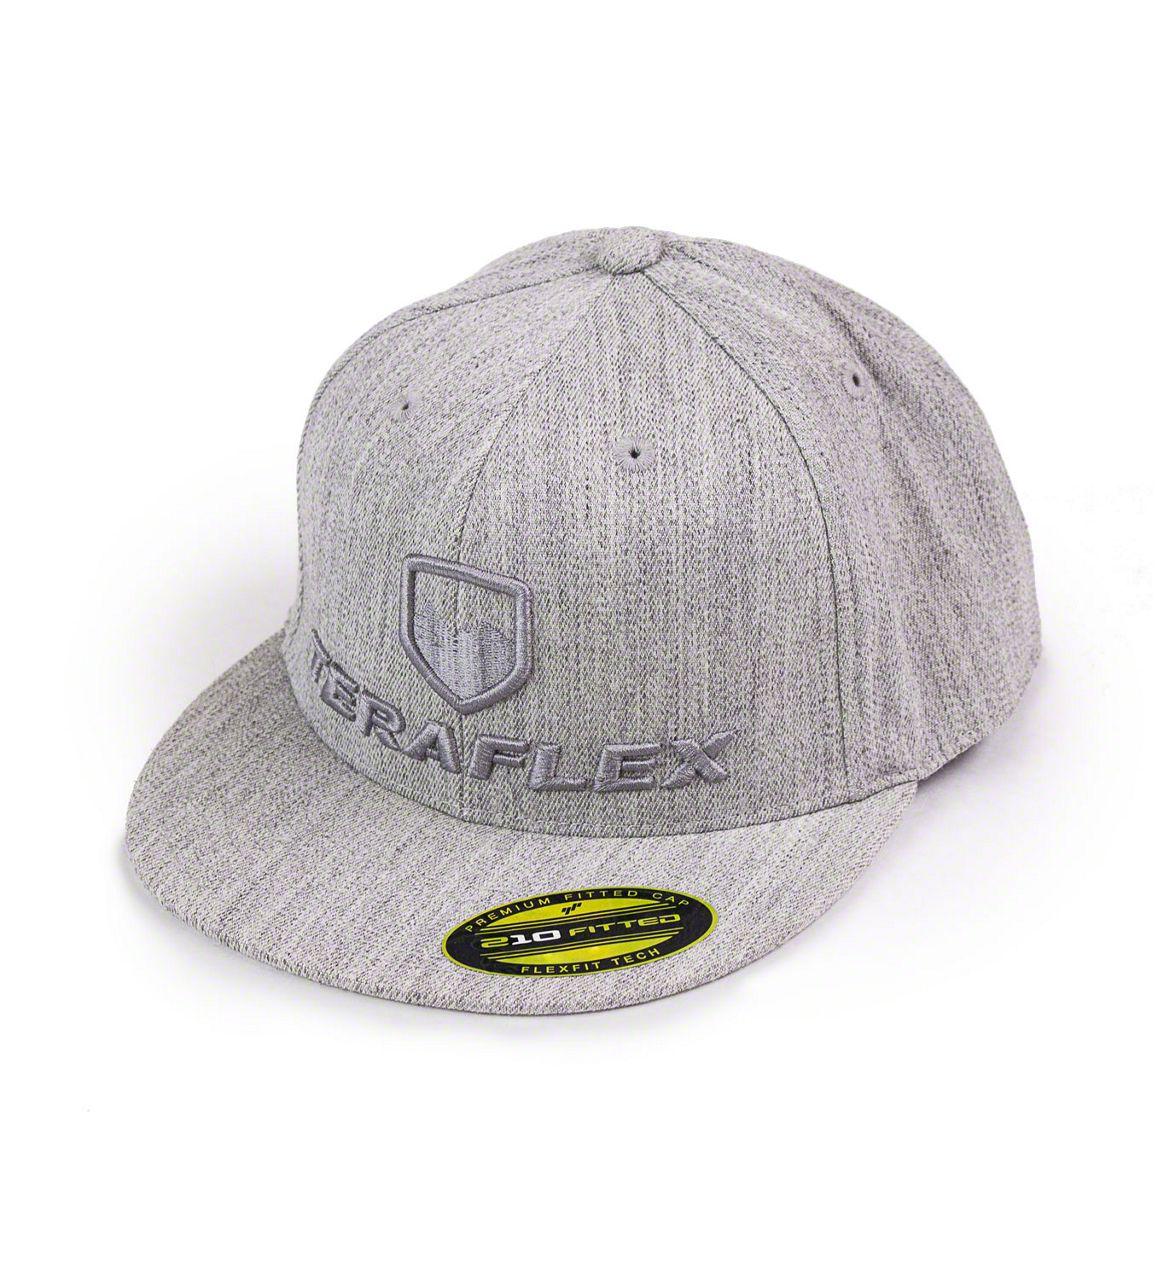 Teraflex Premium FlexFit Flat Visor Hat - Heather Gray